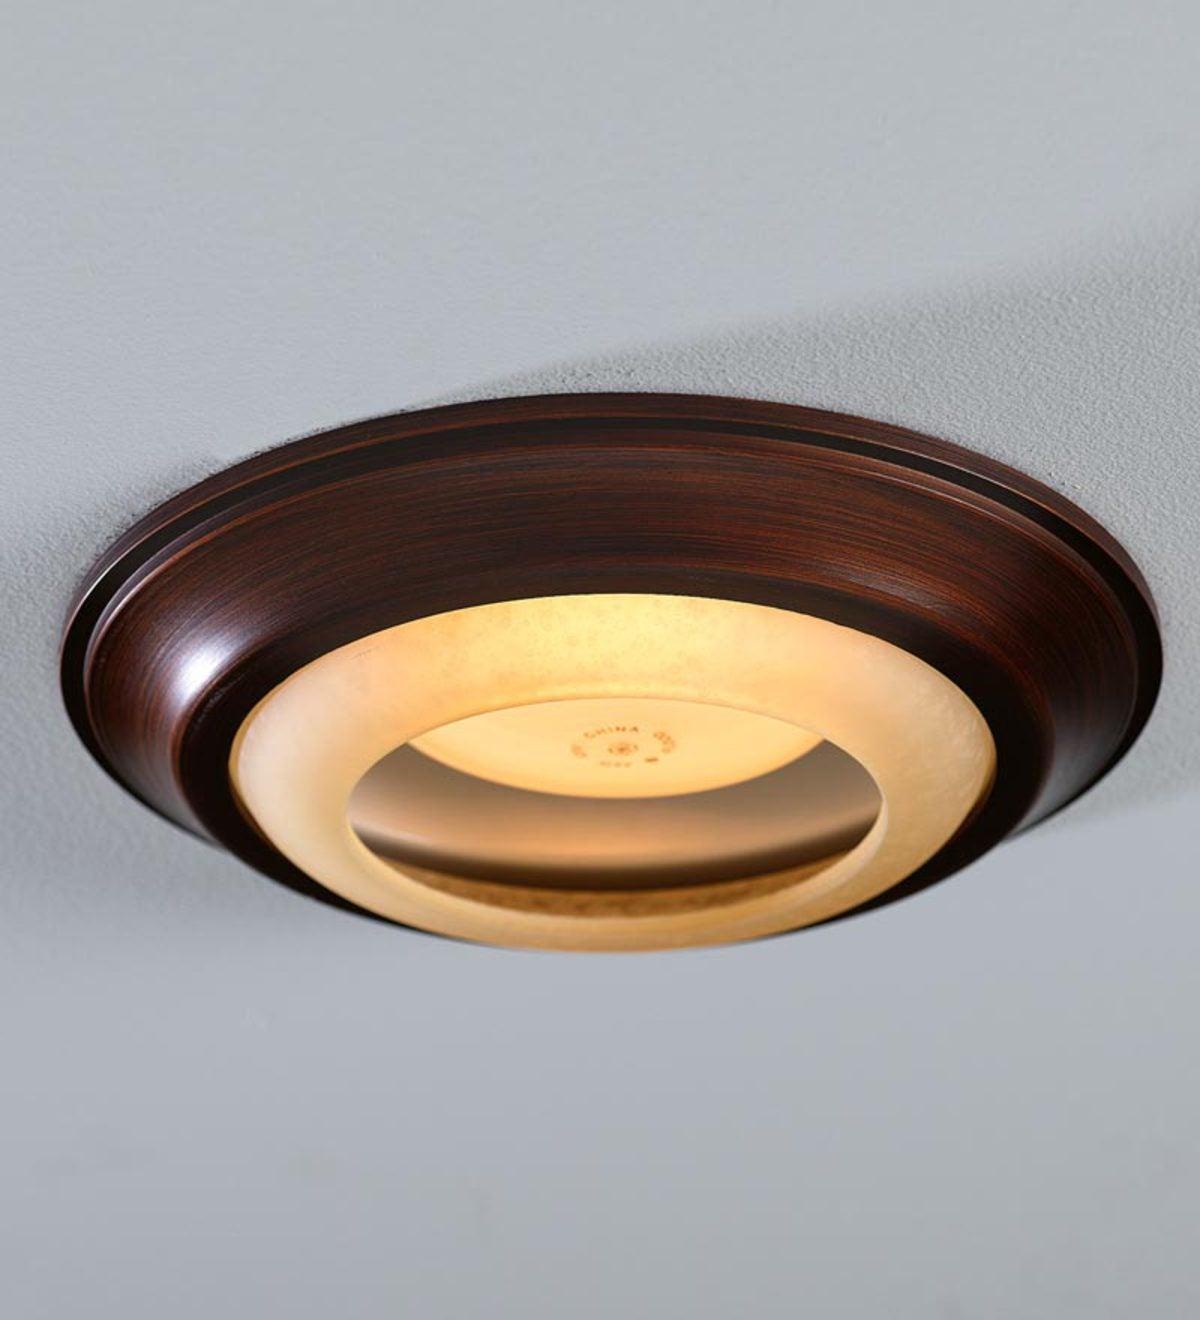 Simple Trim Recessed Light Cap Ring Bronze Plowhearth